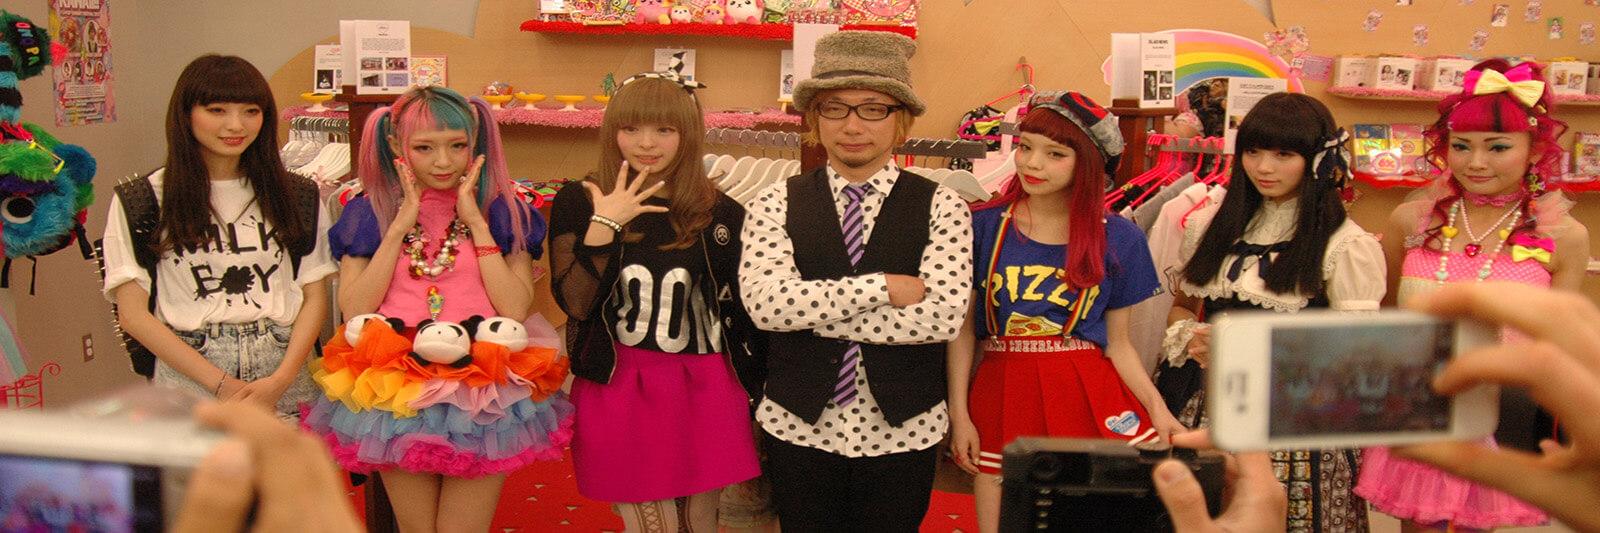 Harajuku Fashion Show in Tokyo